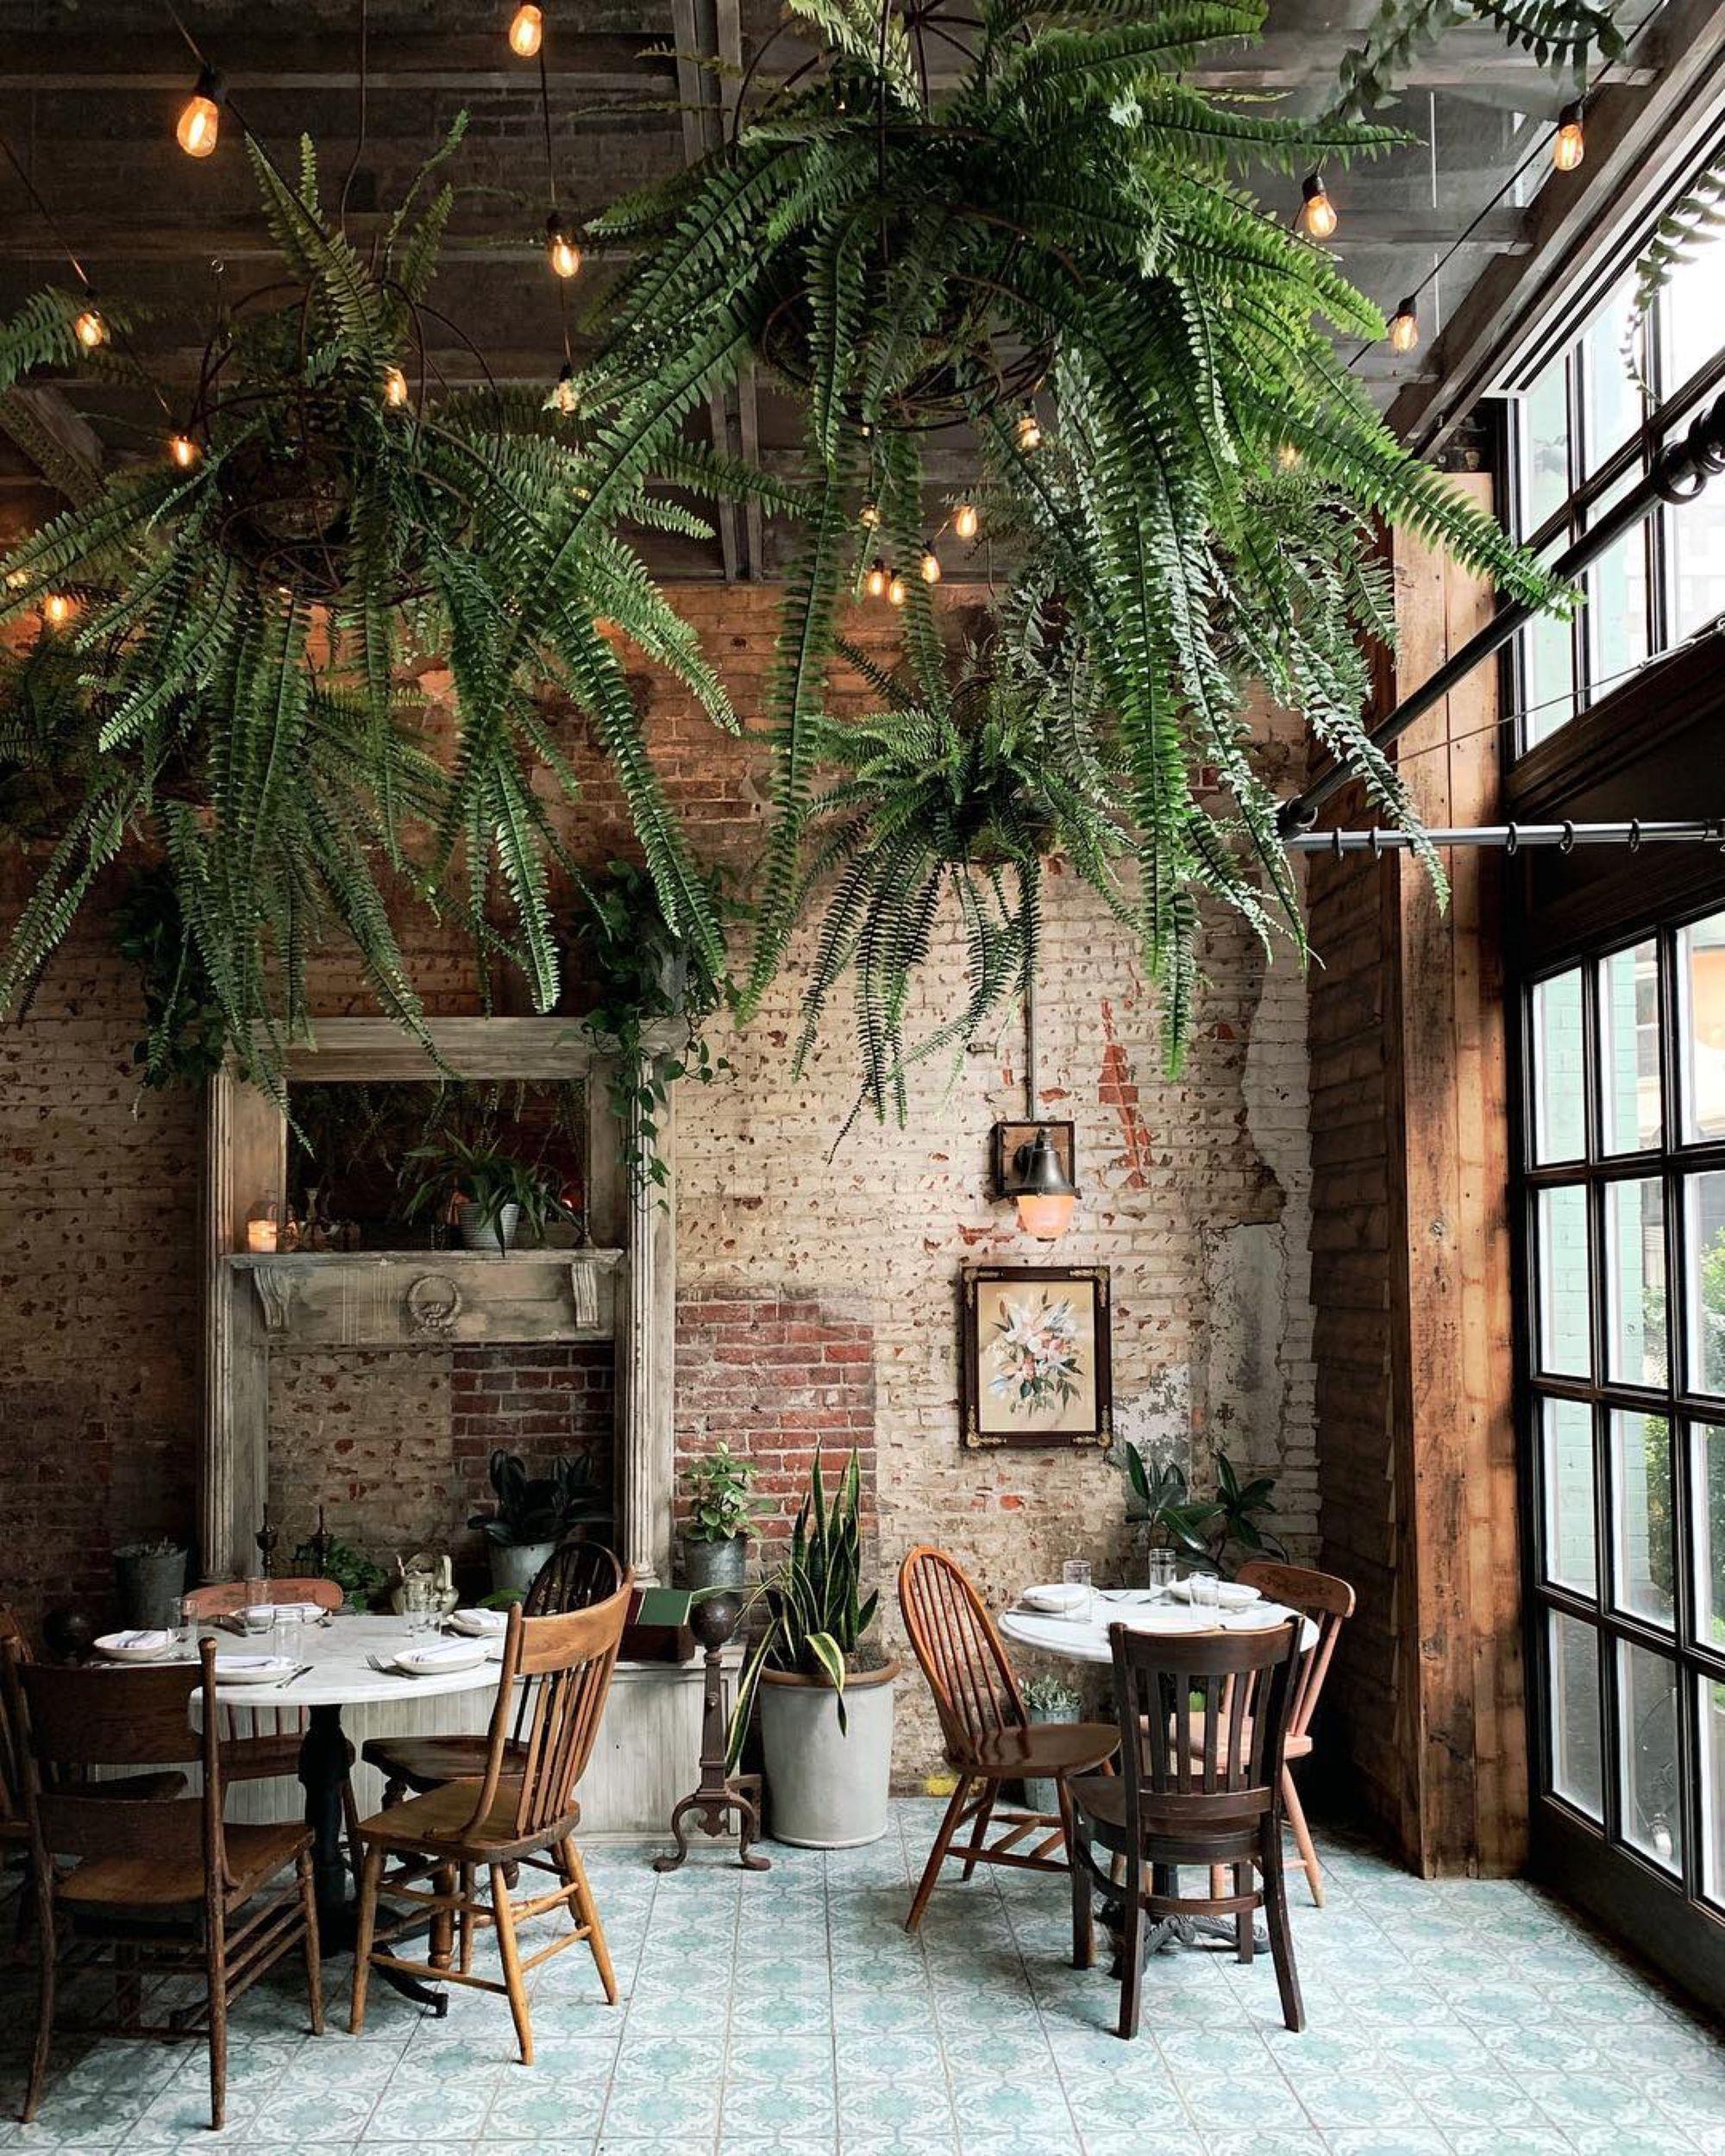 O V E R G R O W N This Week We Re Loving On Any Places And Spaces That Use Perfect Diseno De Interiores Cafeteria Diseno Del Restaurante Diseno De Cafeteria